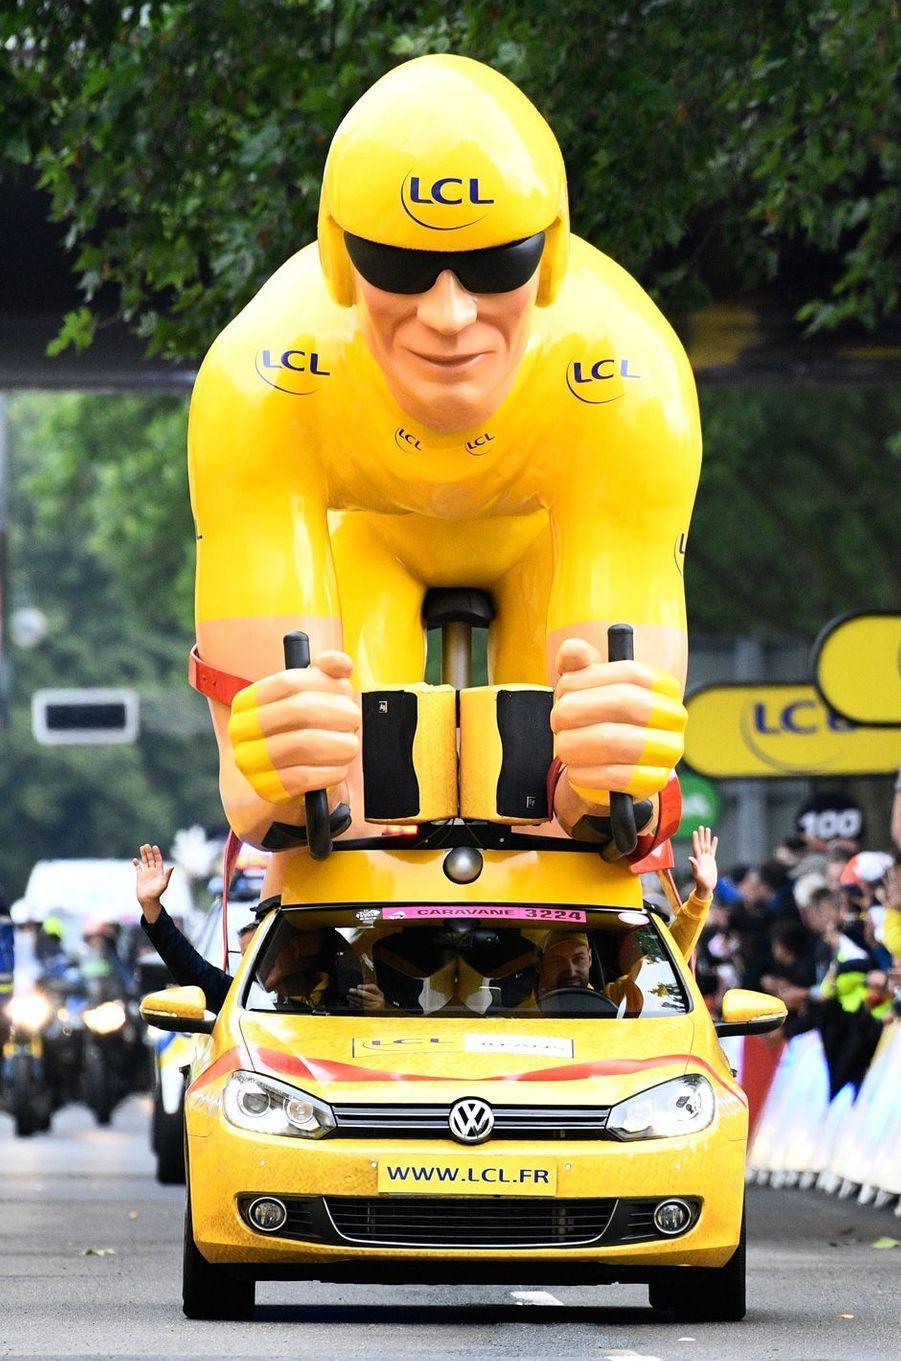 Un véhicule LCL, sponsor du maillot jaune, à Dusseldorf.